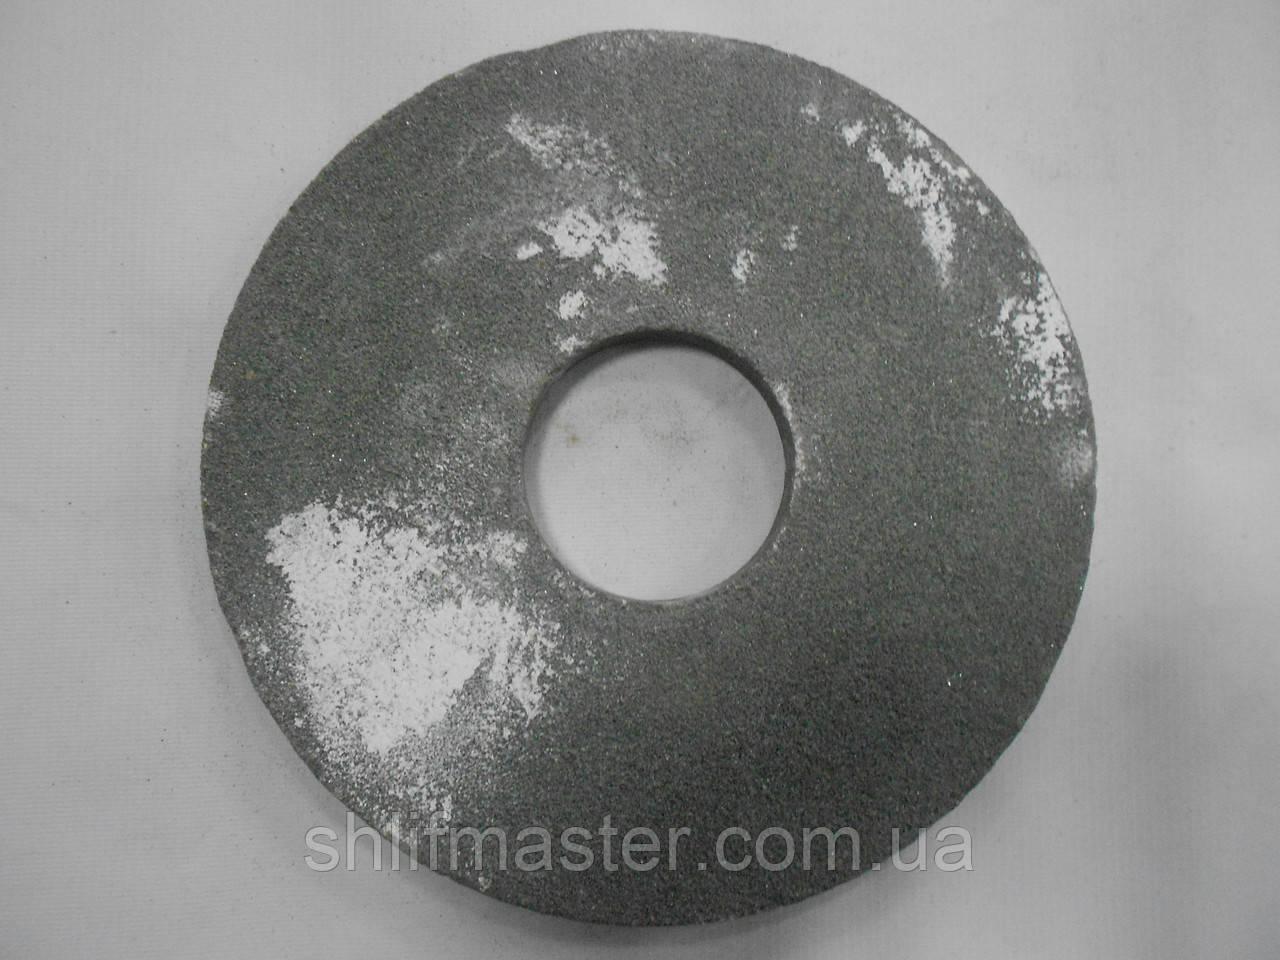 Круг шлифовальный 14А (электрокорунд серый) ПП на керамической связке 250х16х76 25 СМ1